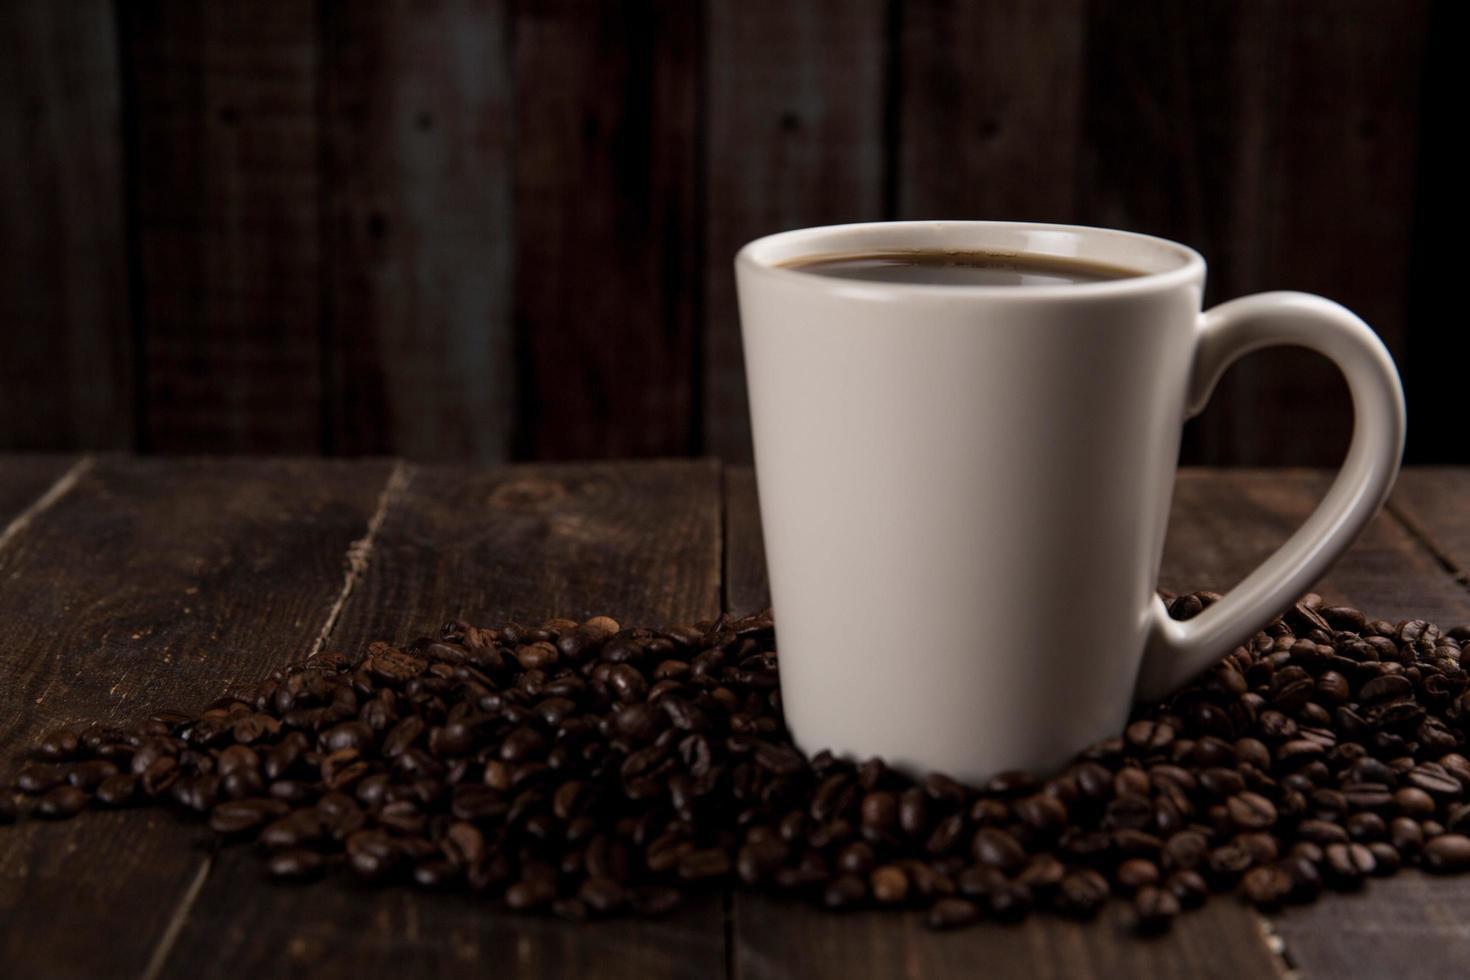 caneca de café sobre fundo escuro foto